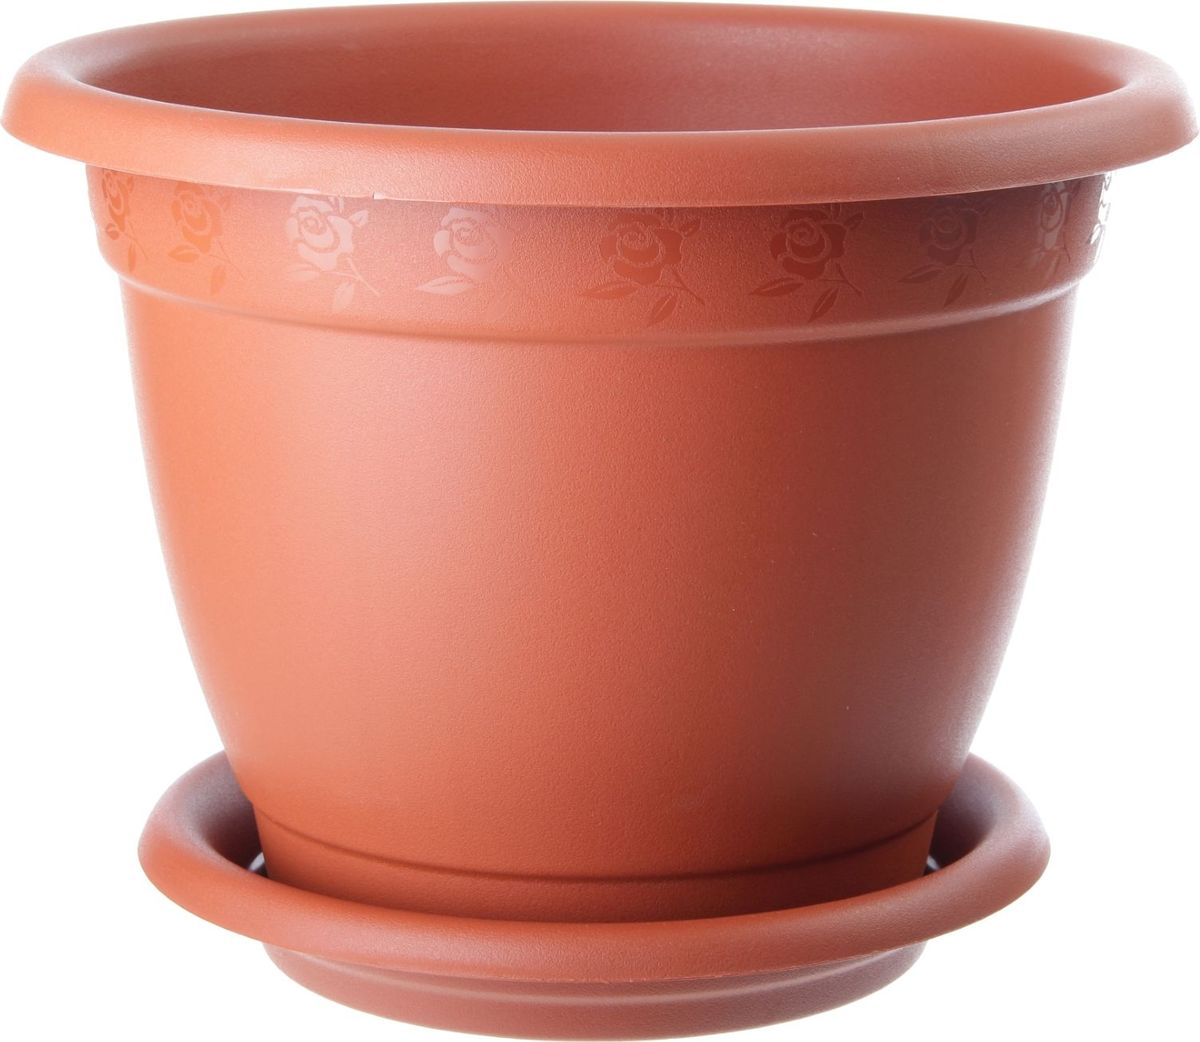 Горшок для цветов InGreen Борнео, с поддоном, цвет: терракотовый, диаметр 34 см поддон для балконного ящика ingreen цвет белый длина 60 см